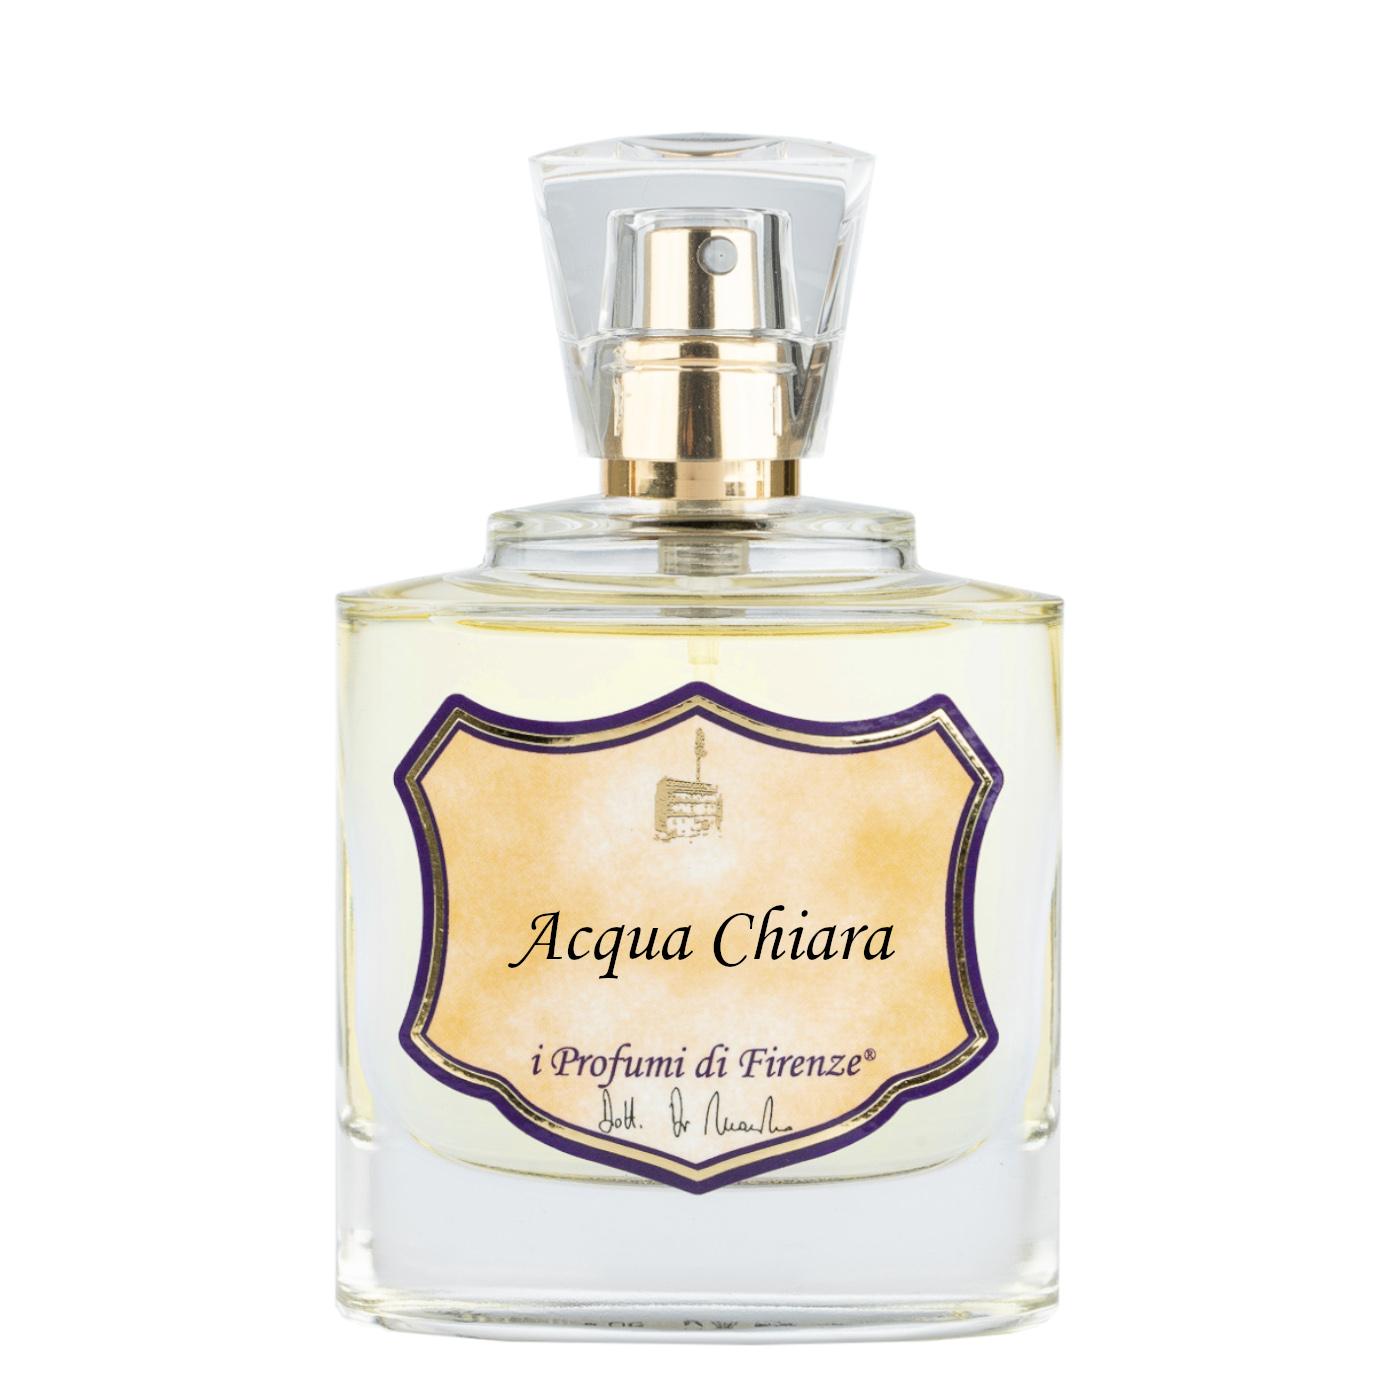 ACQUA CHIARA - Eau de Parfum-0